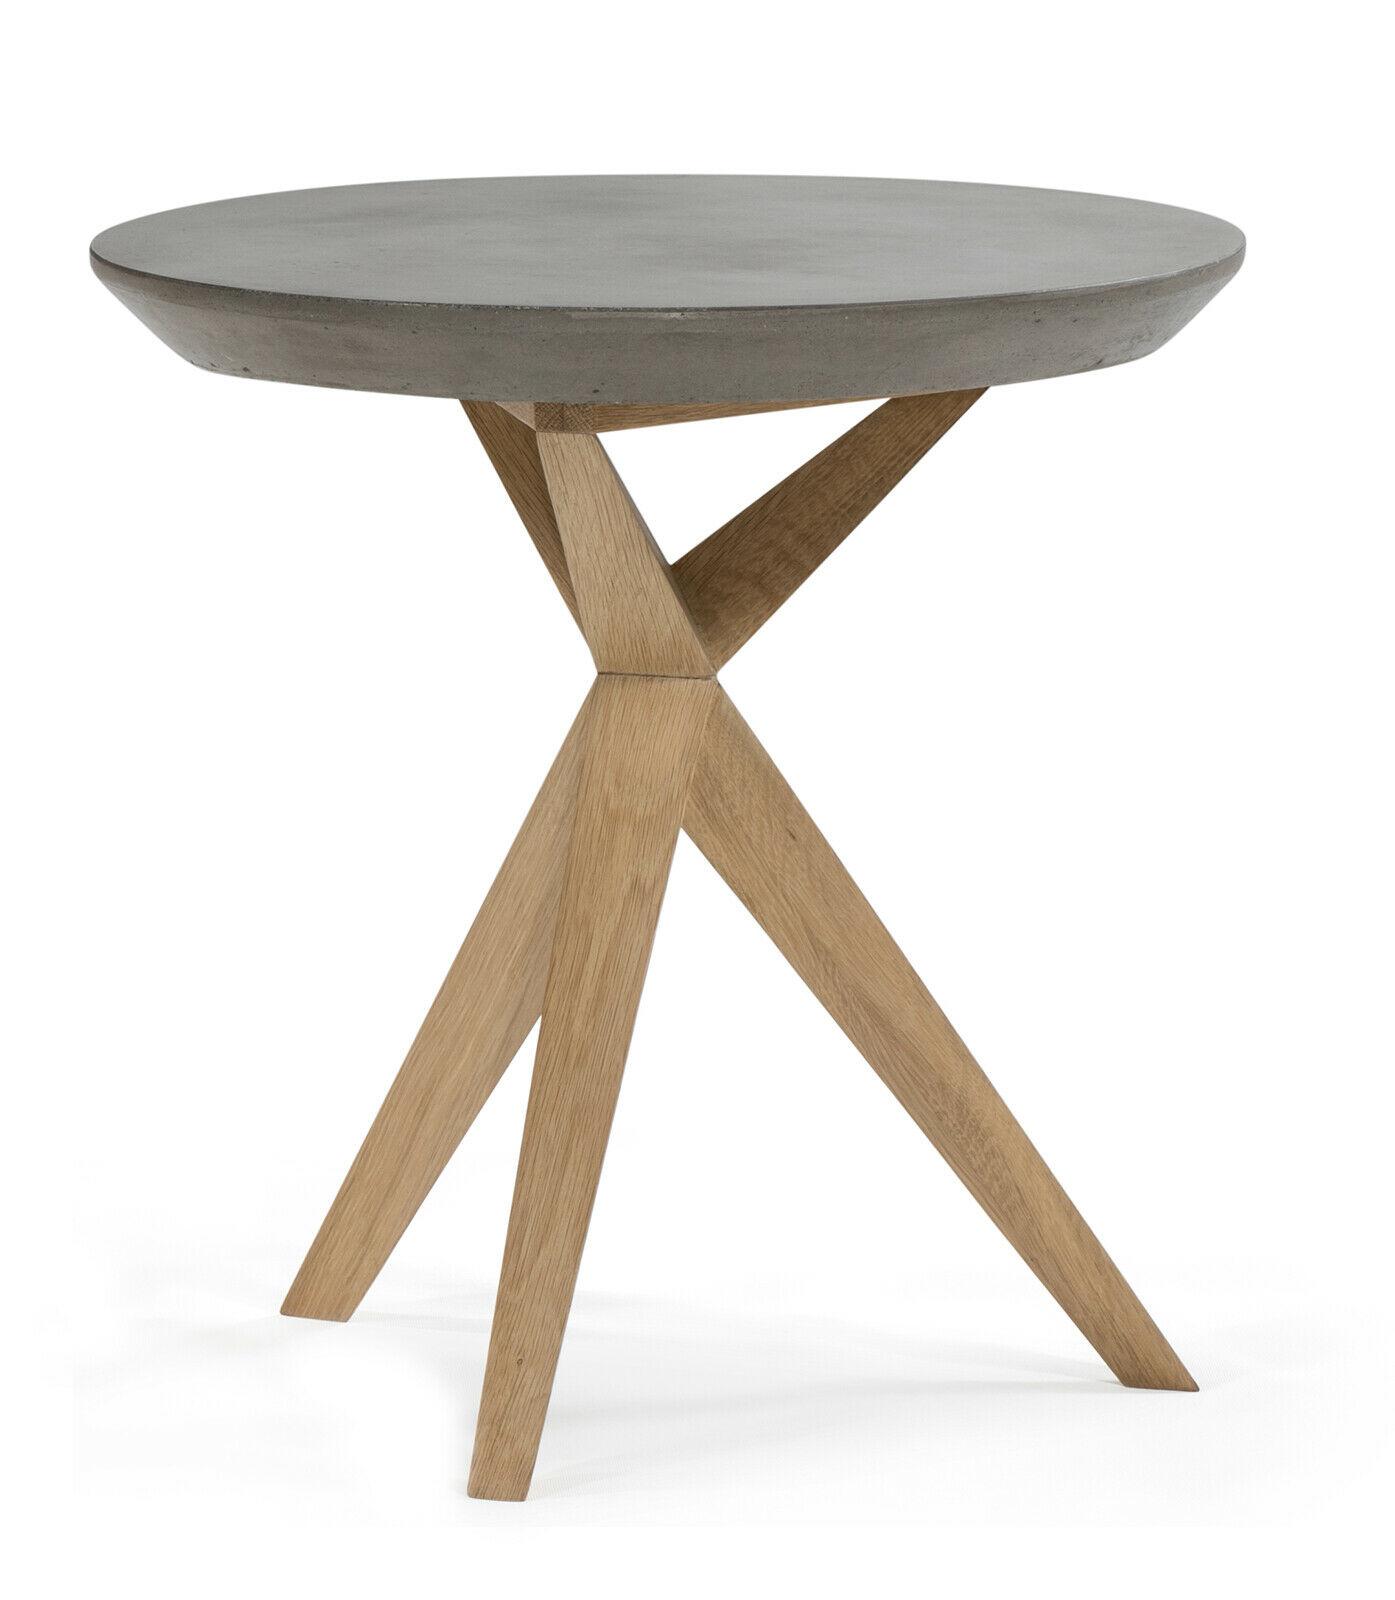 Full Size of Beton Beistelltisch Dekotisch Tischset 2 Teilig Ablage Stahl Esstisch Rustikal Holz Industrial Ausziehbar Massiv Musterring Landhausstil Glas Betonplatte Mit Esstische Esstisch Betonplatte